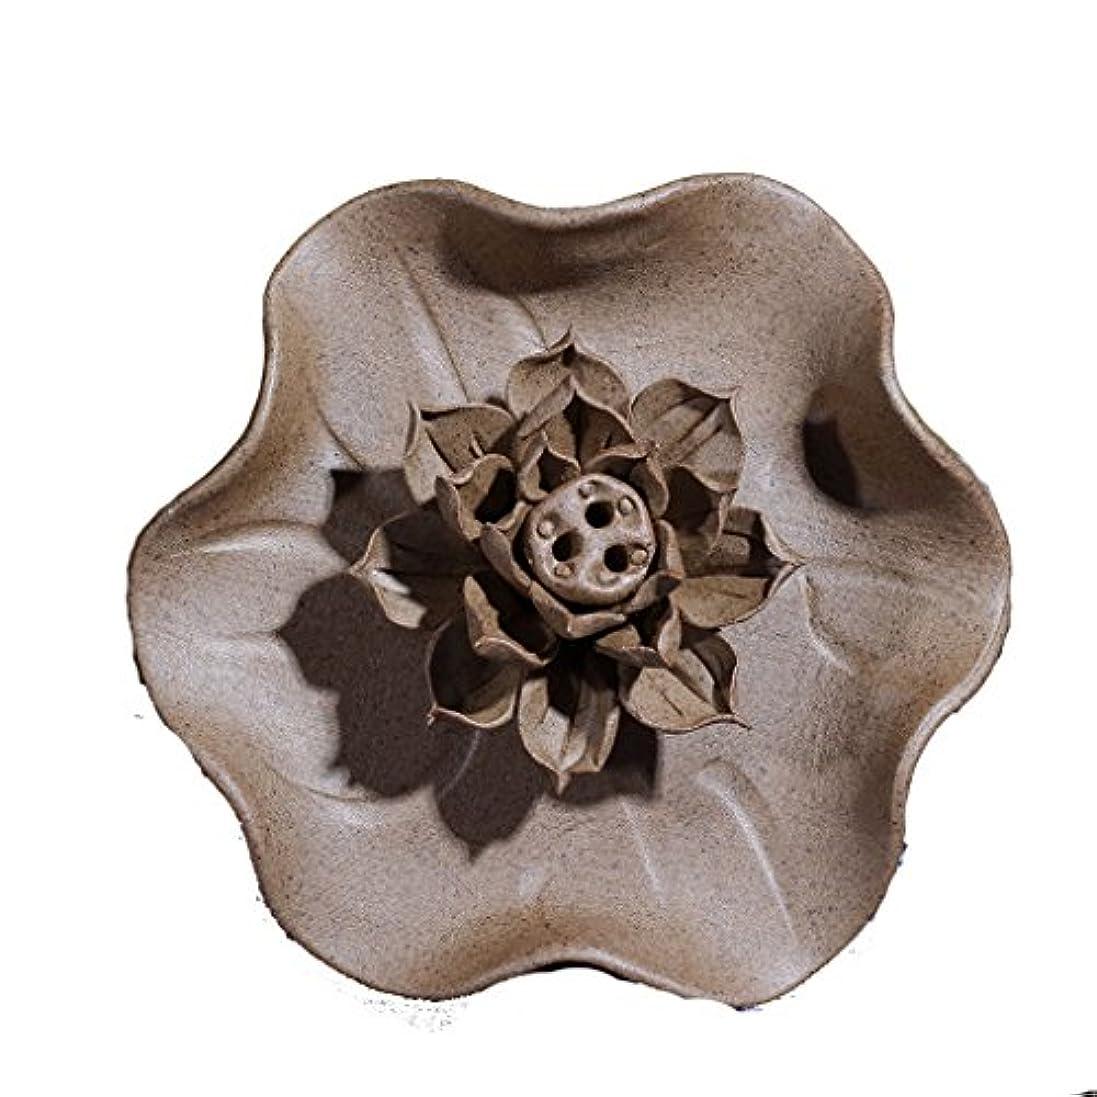 ハドルジョージハンブリー浅い(ラシューバー) Lasuiveur 香炉 線香立て 香立て 職人さんの手作り 茶道用品 おしゃれ  木製 透かし彫り